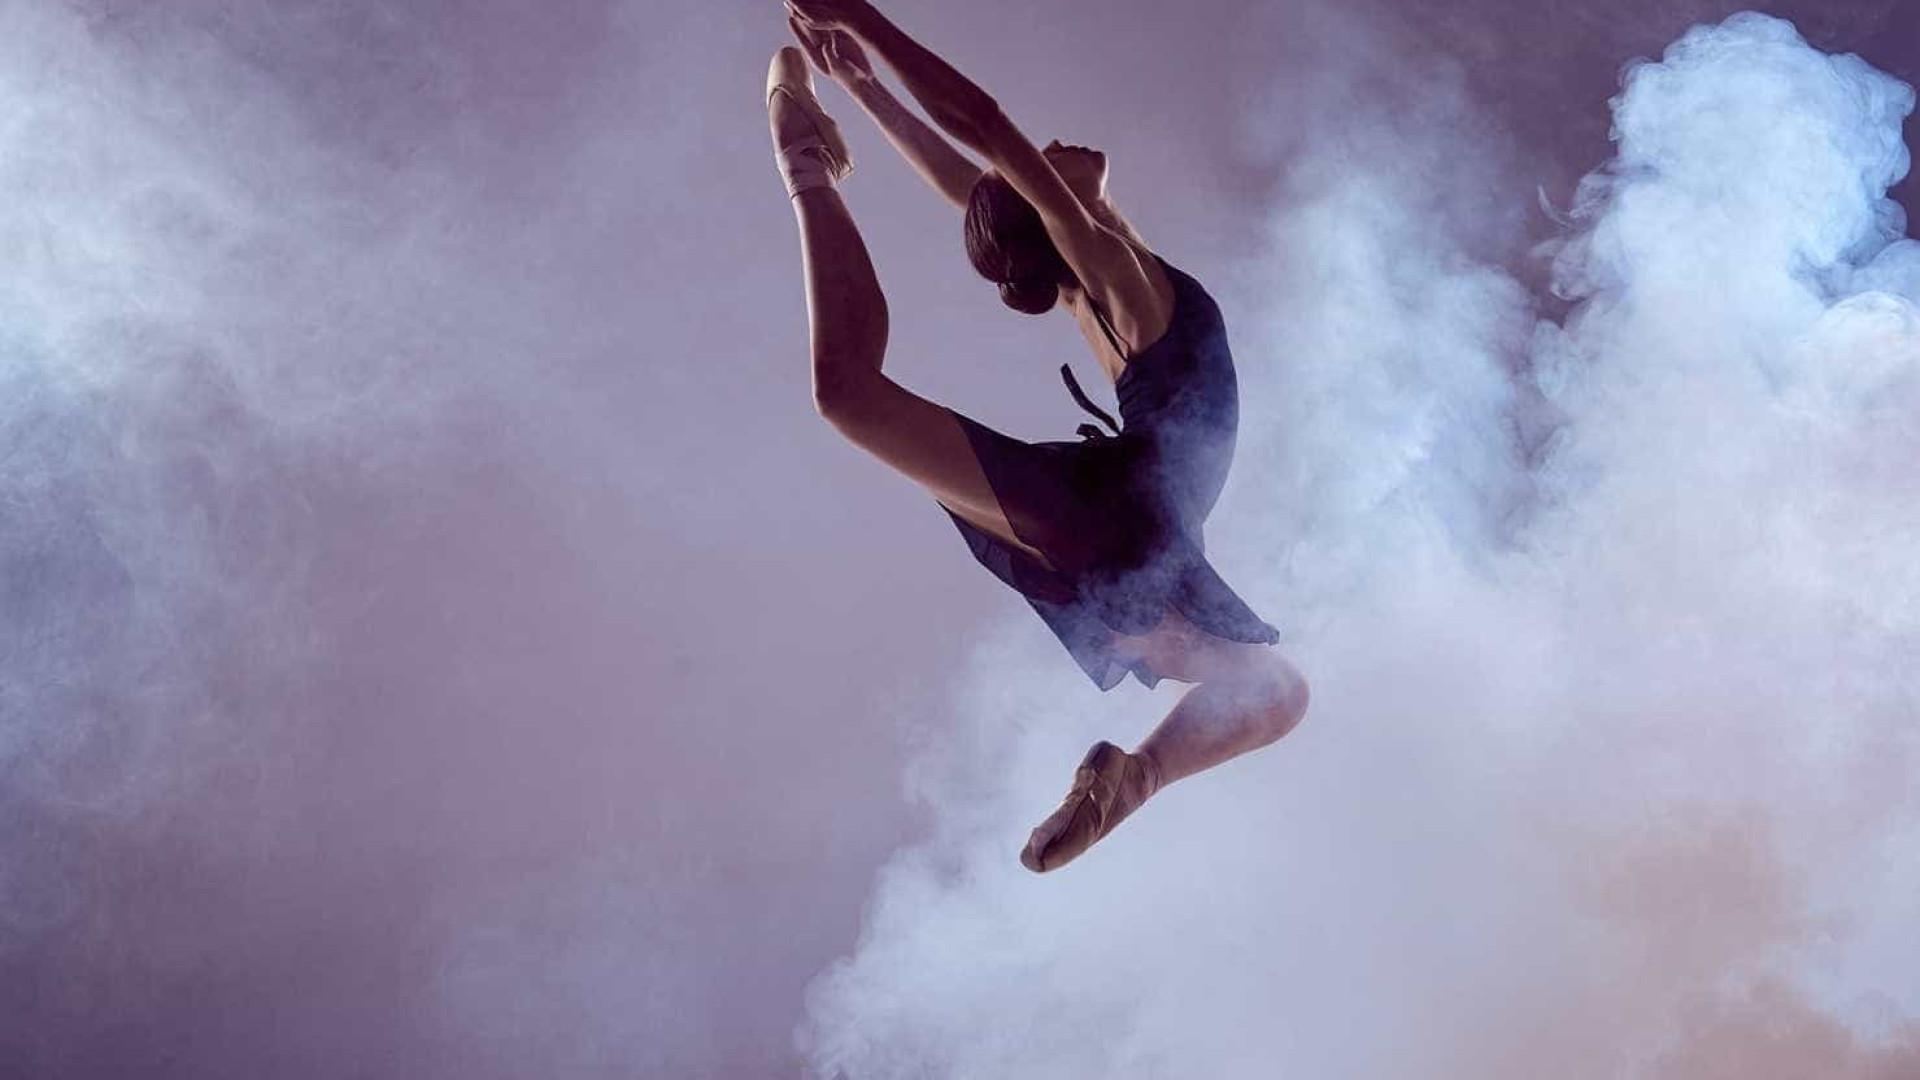 Opart e Escola Superior de Dança vão realizar acções culturais conjuntas